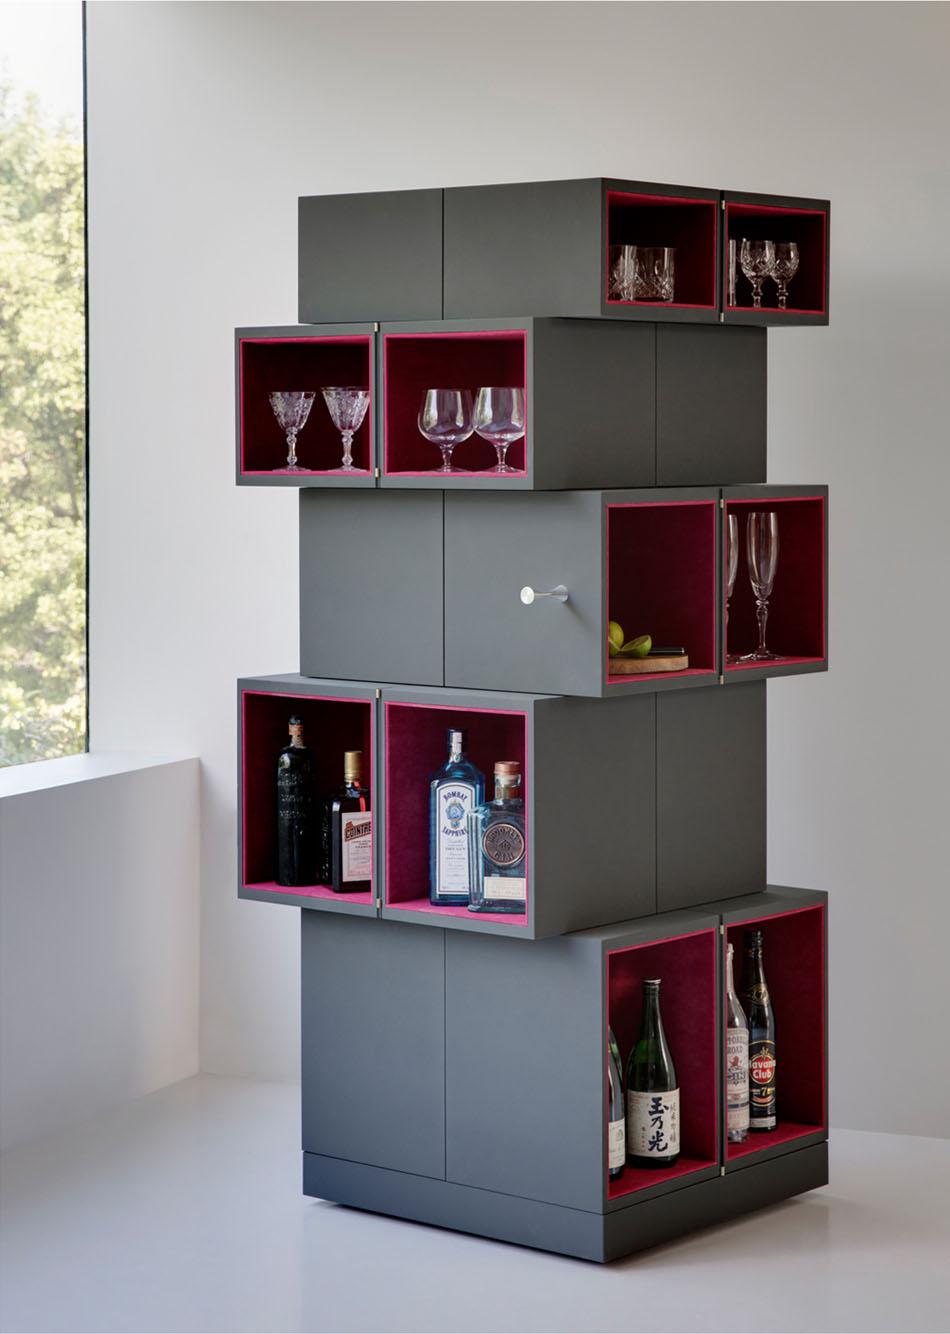 Дизайнерский шкаф в интерьере дома: версия шкафа для напитков